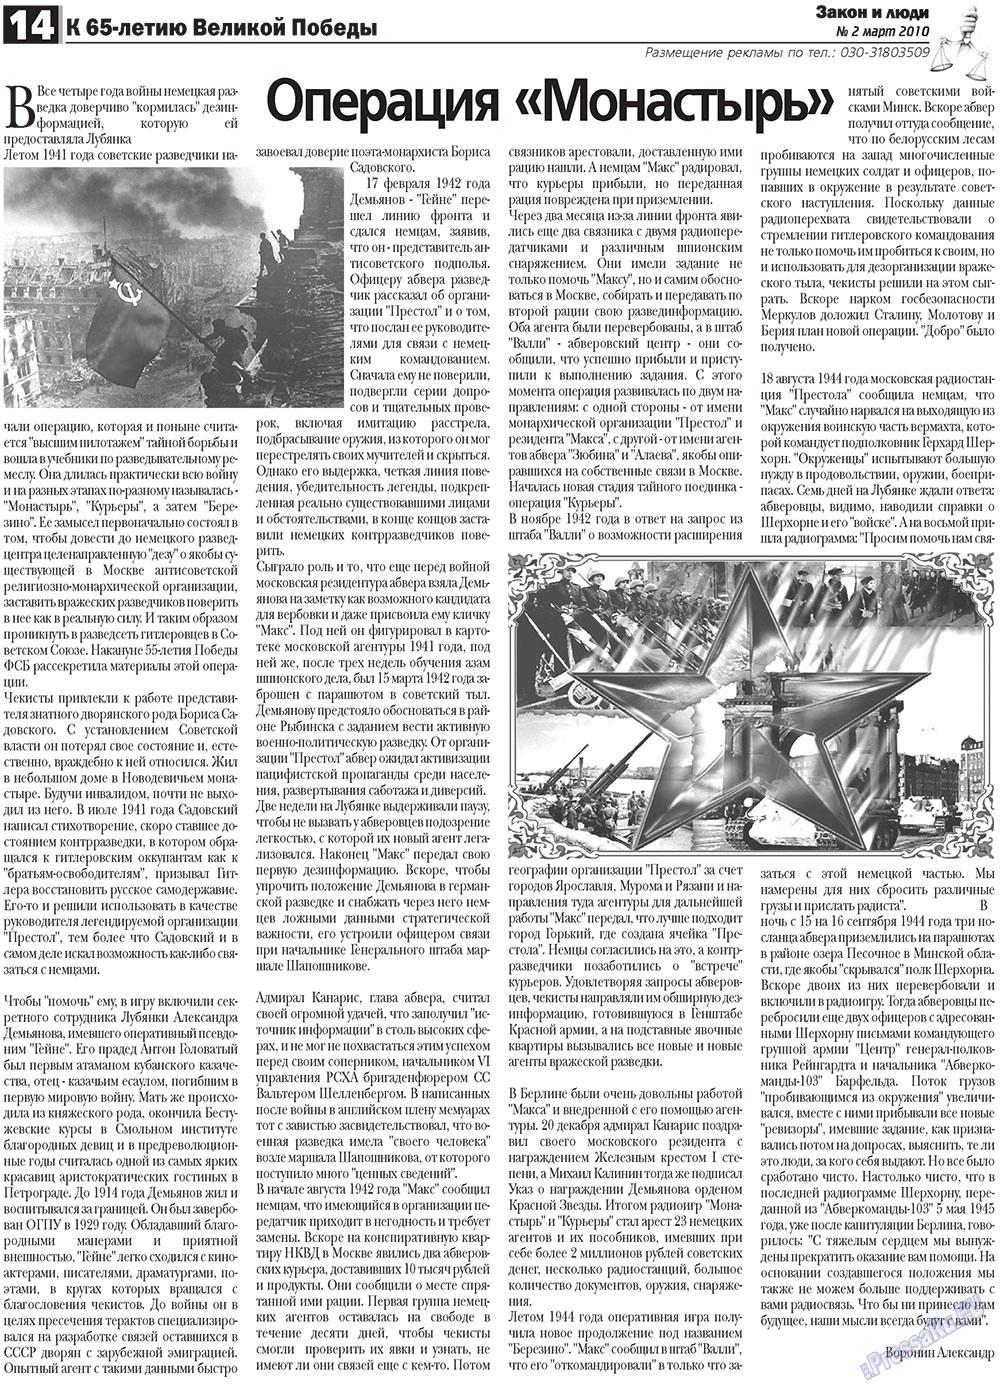 Закон и люди (газета). 2010 год, номер 2, стр. 14